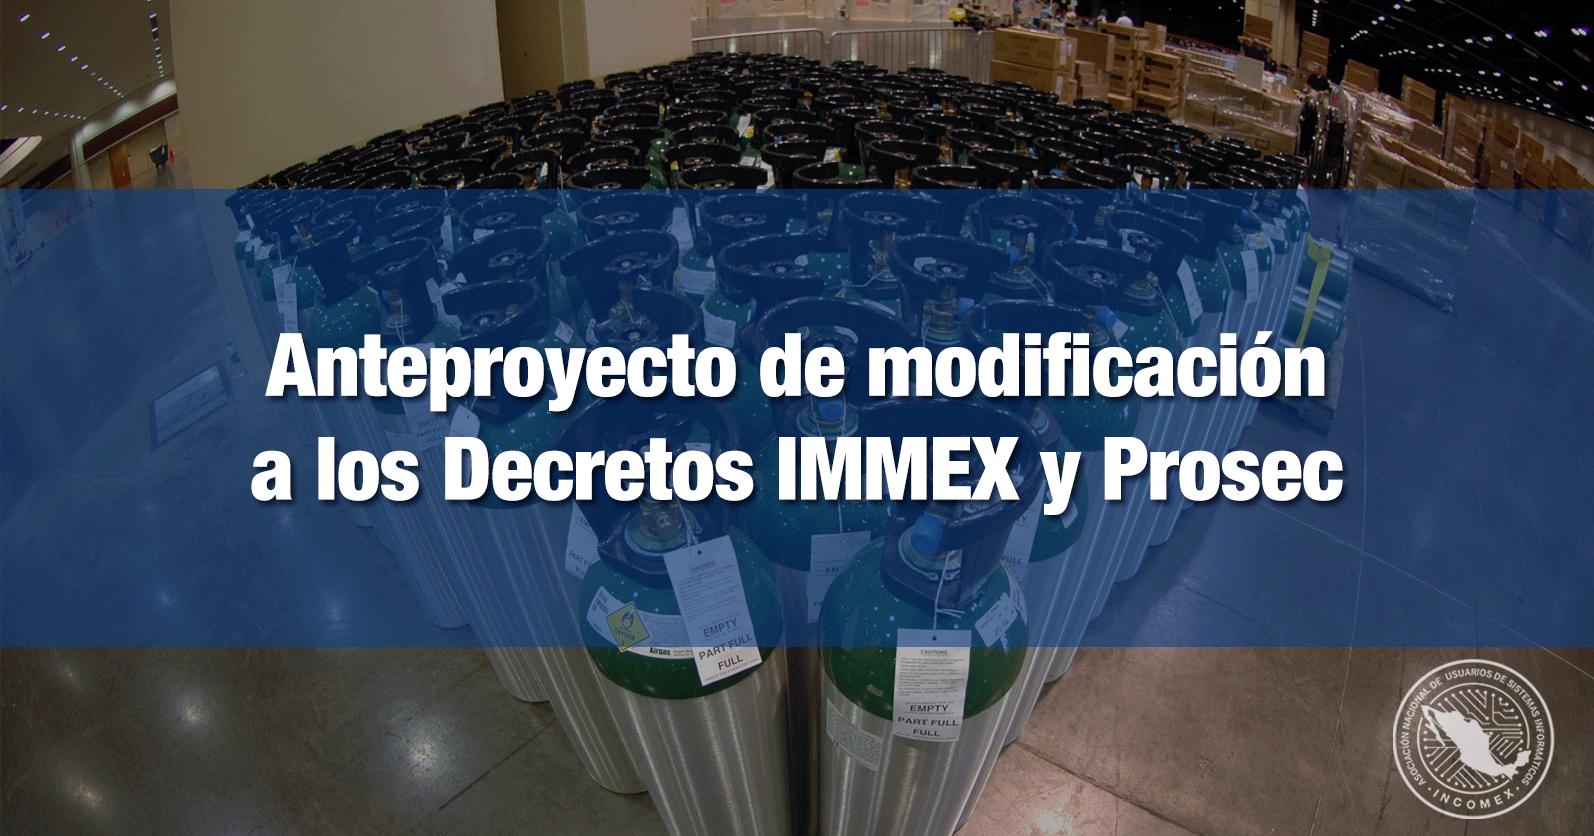 Anteproyecto de modificación a los Decretos IMMEX y Prosec